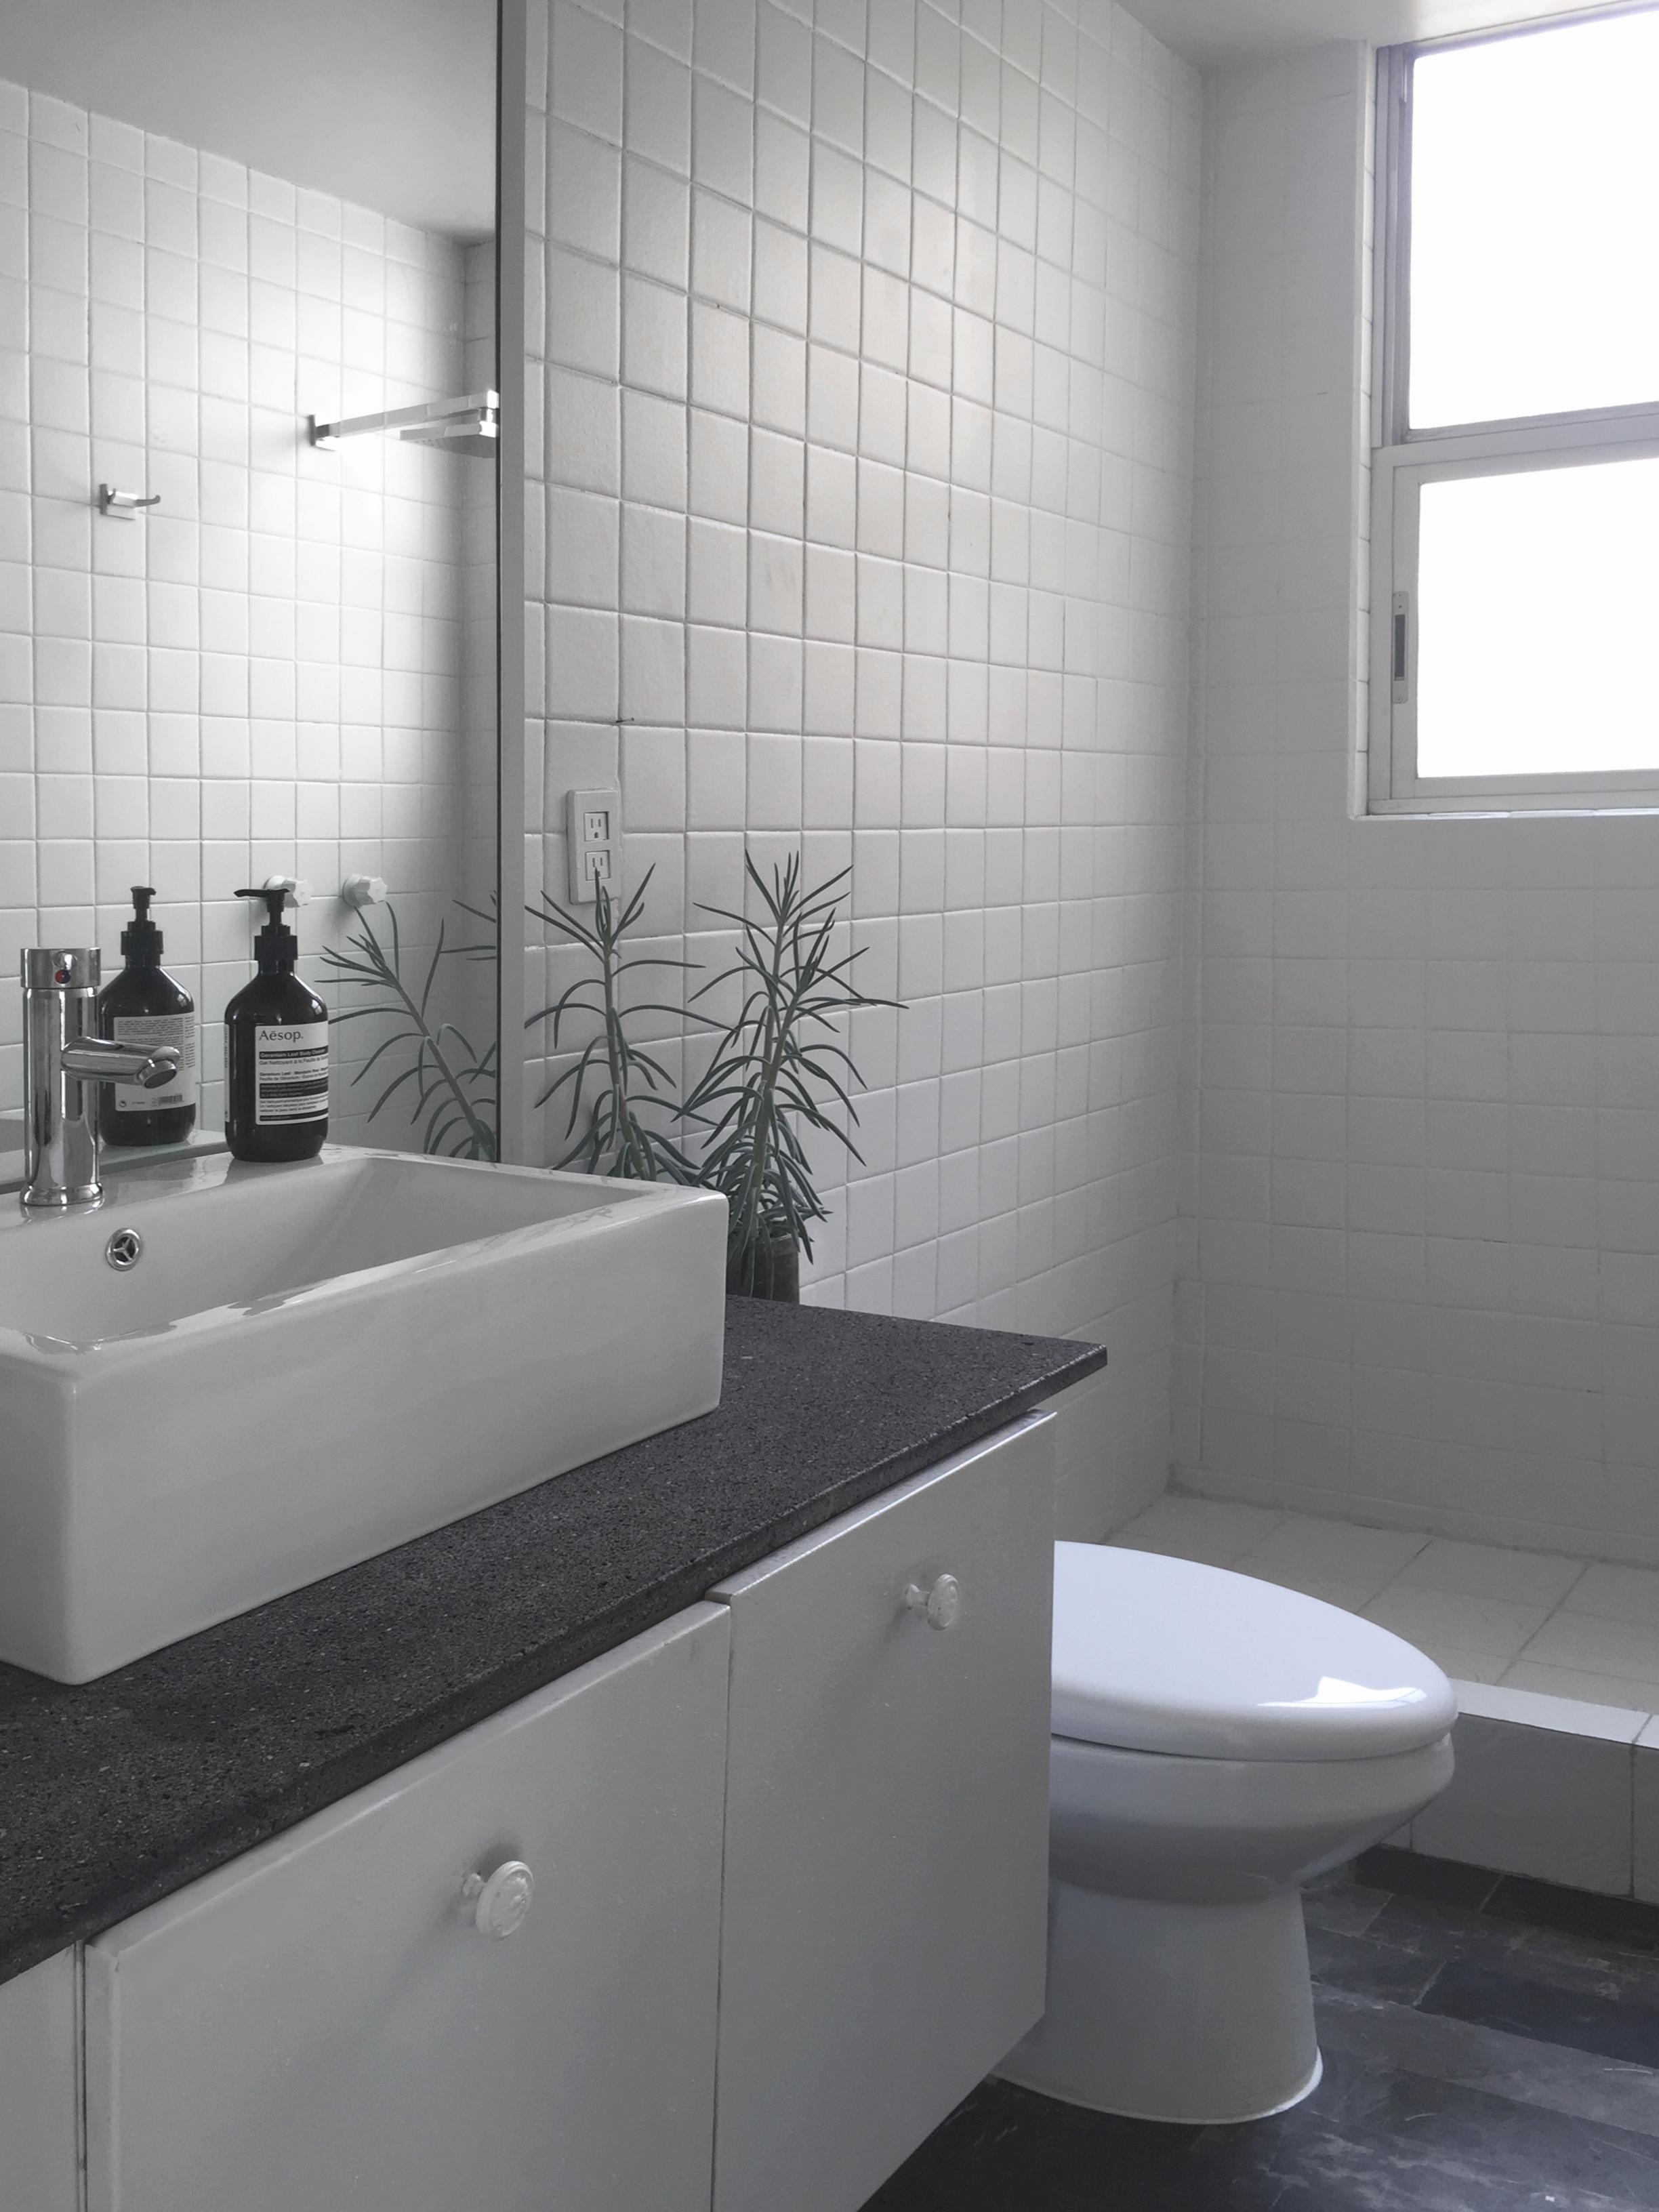 antes y despues, baño, lavabo, remodelaicón, diseño de interiores, interiorismo, mexico.JPG